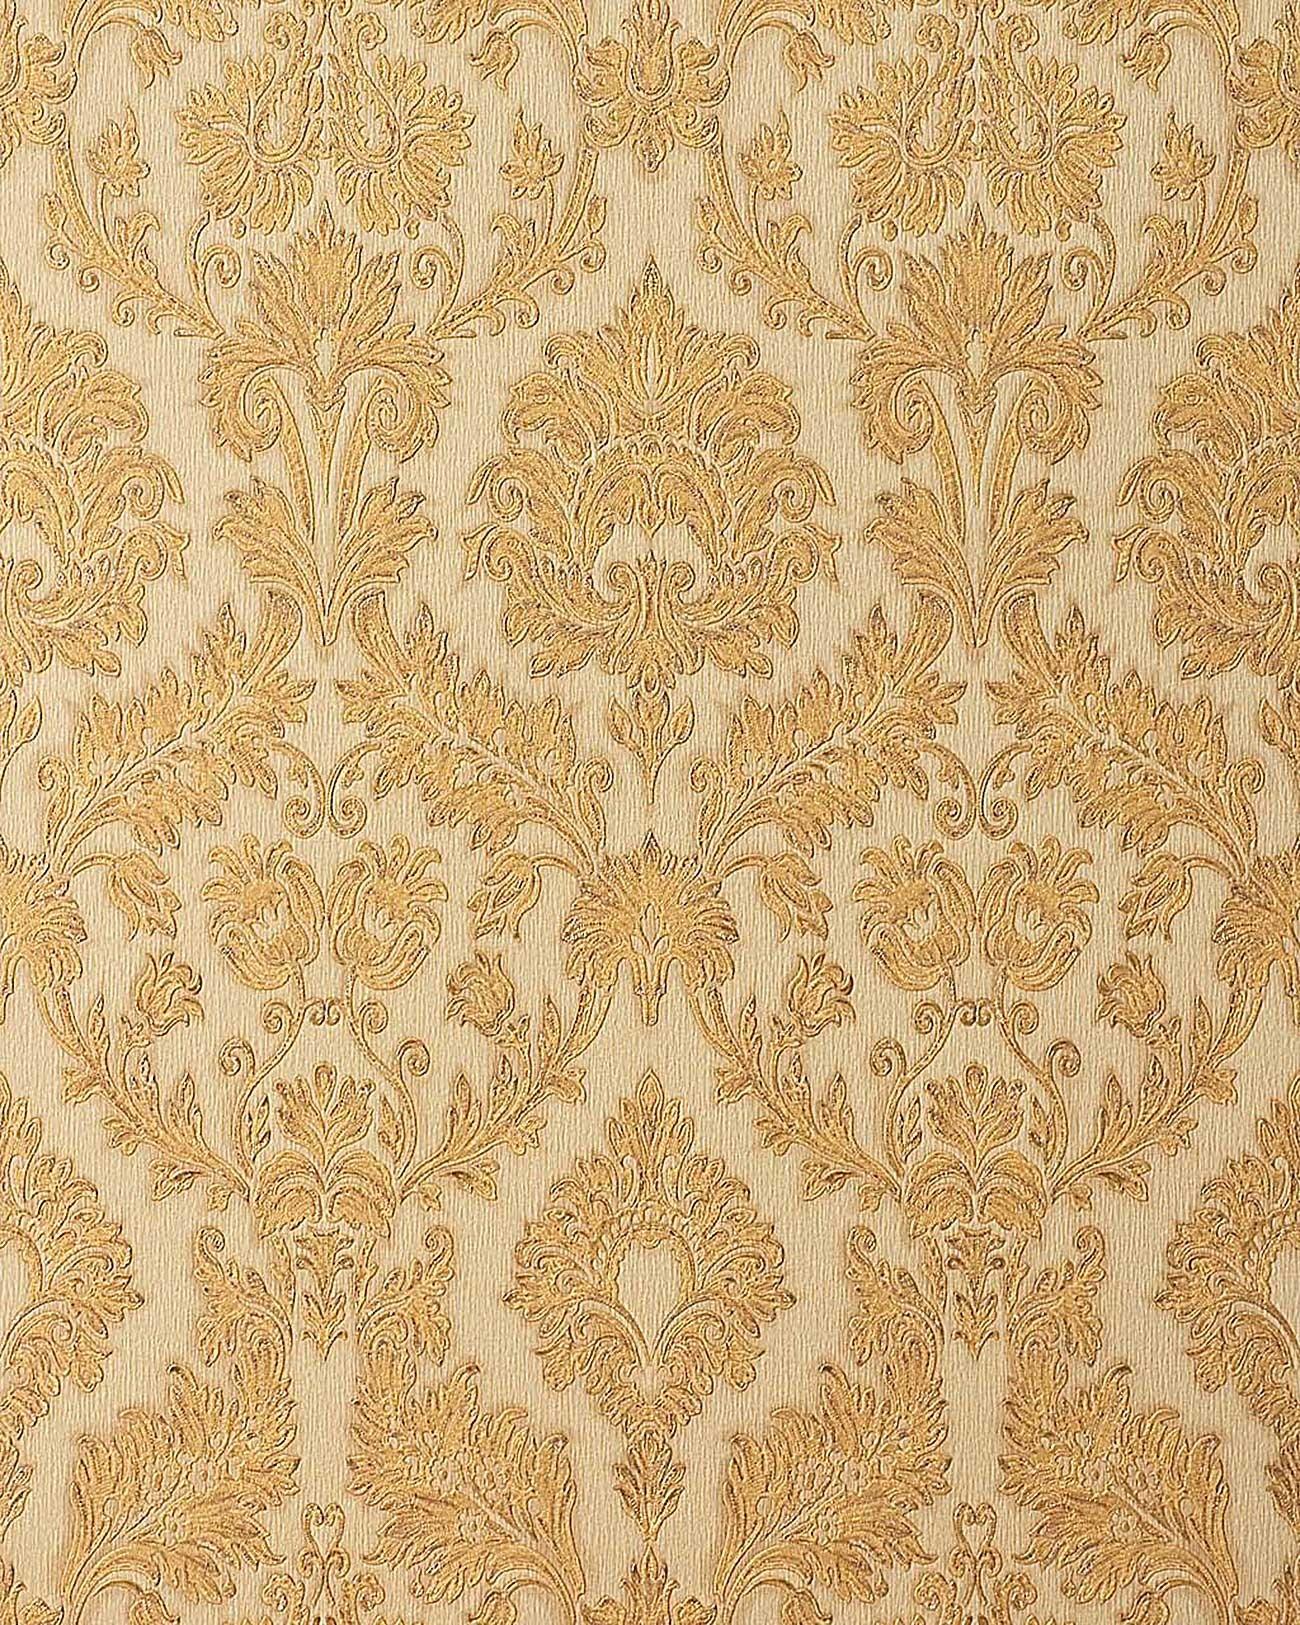 Edem 708 33 papel pintado barroco damasco gofrado textura for Papel pintado barroco